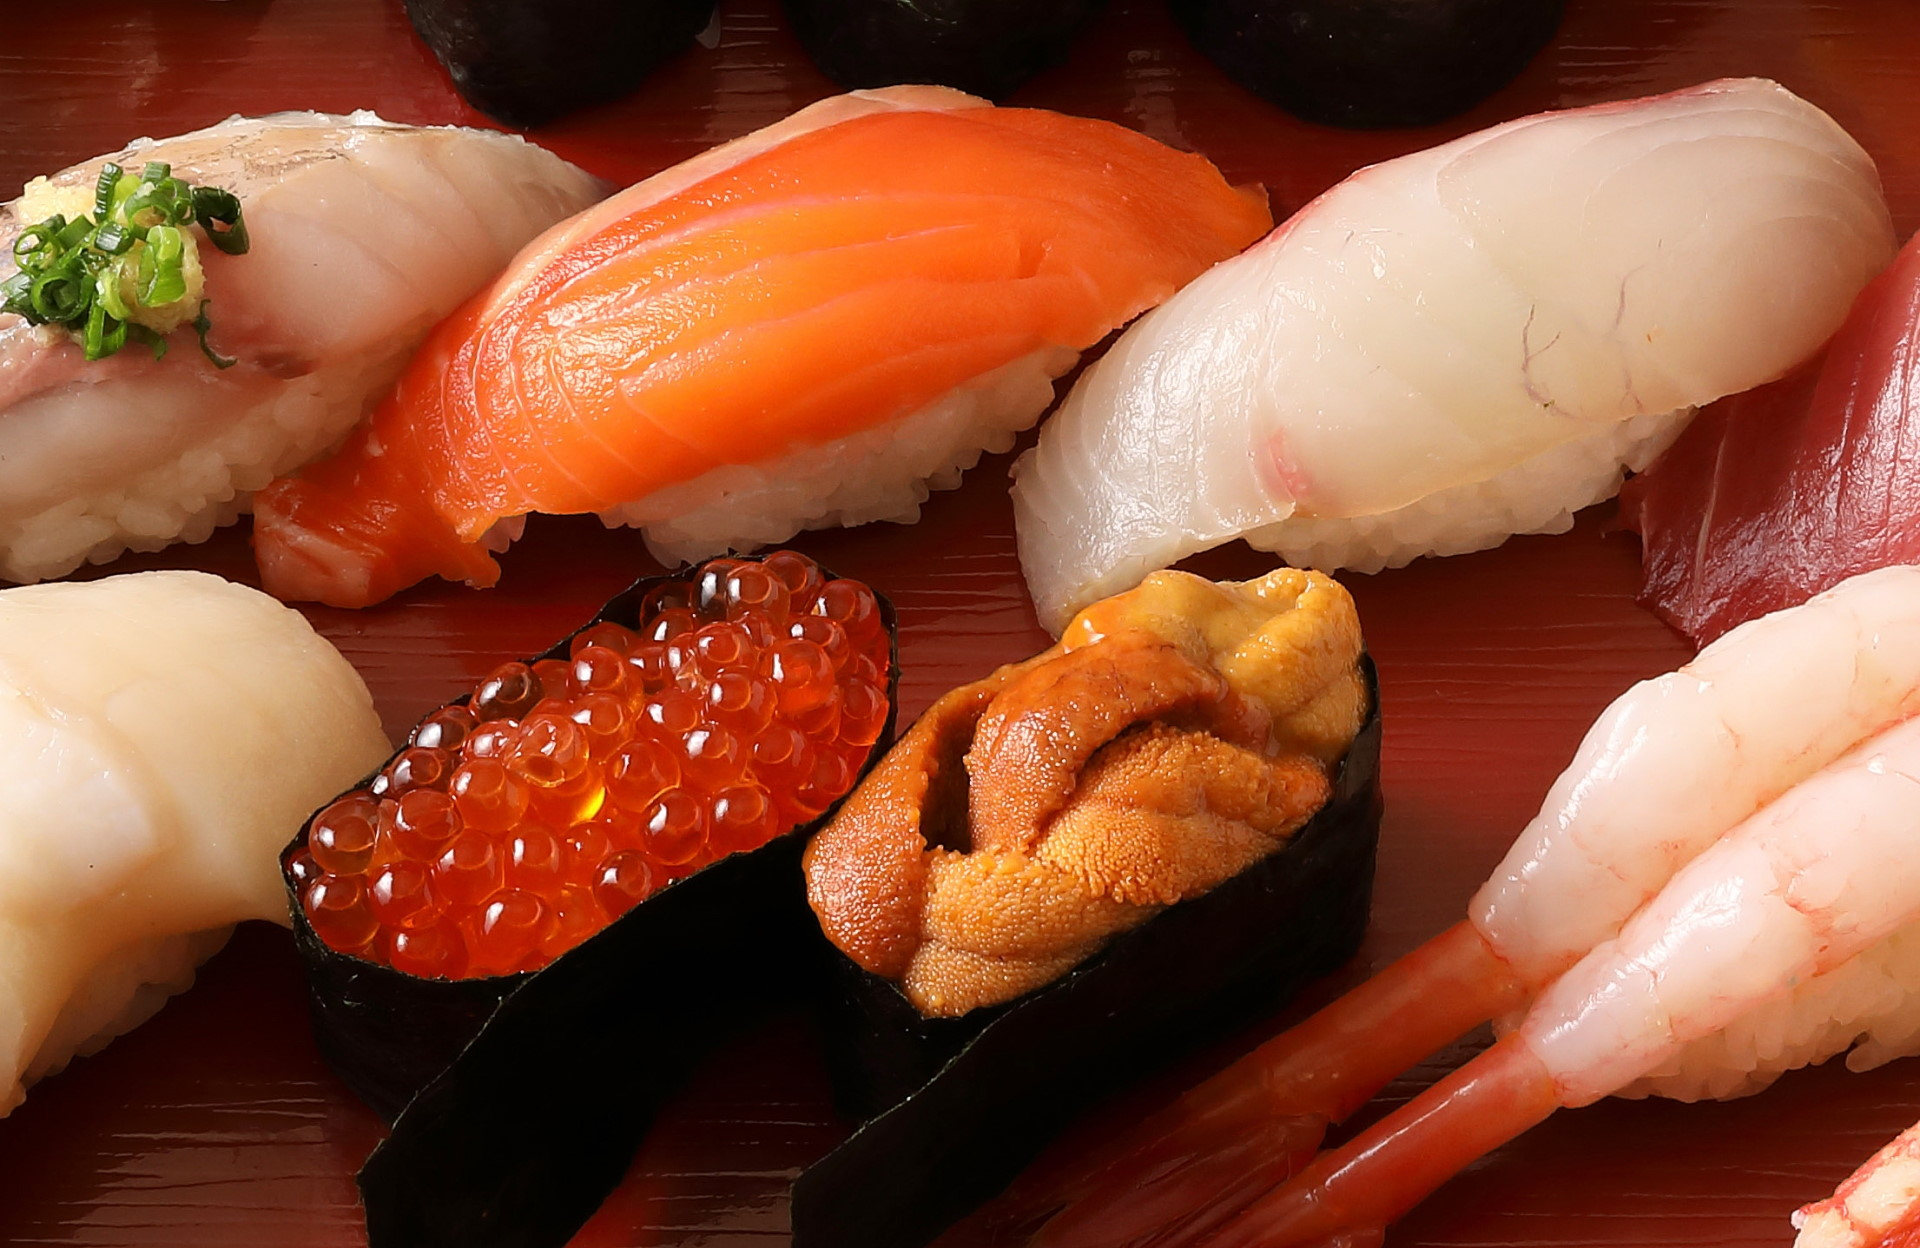 「小僧寿し」「くら寿司」がマナルル、学研とのコラボキャンペーンで激突